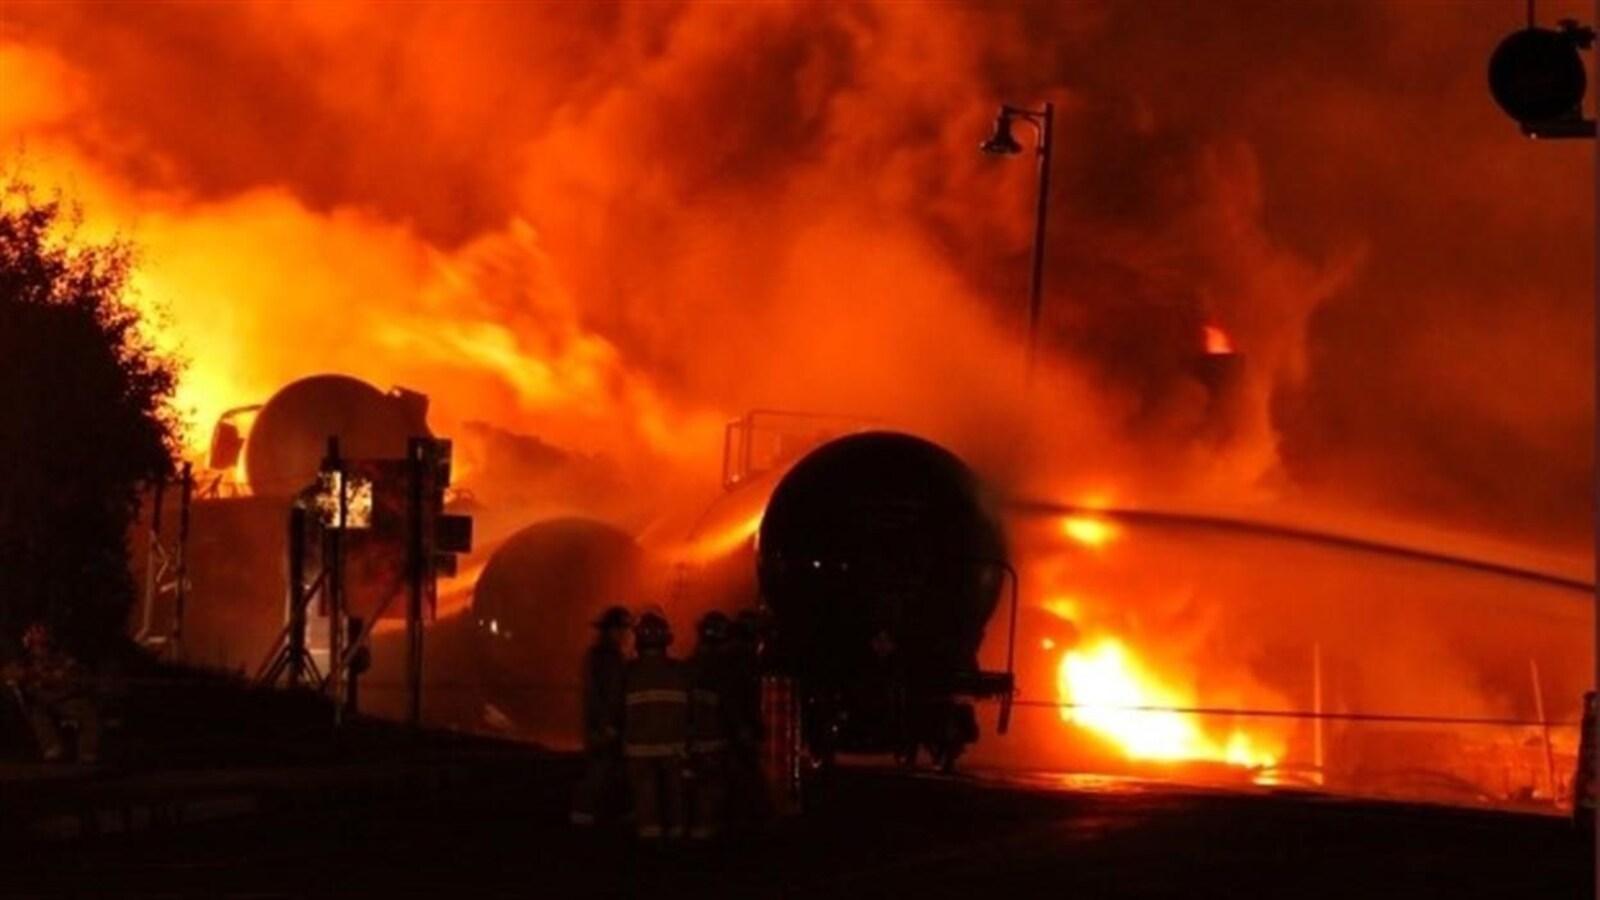 La tragédie à Lac-Mégantic a fait 47 morts, dans la nuit du 5 au 6 juillet 2013.